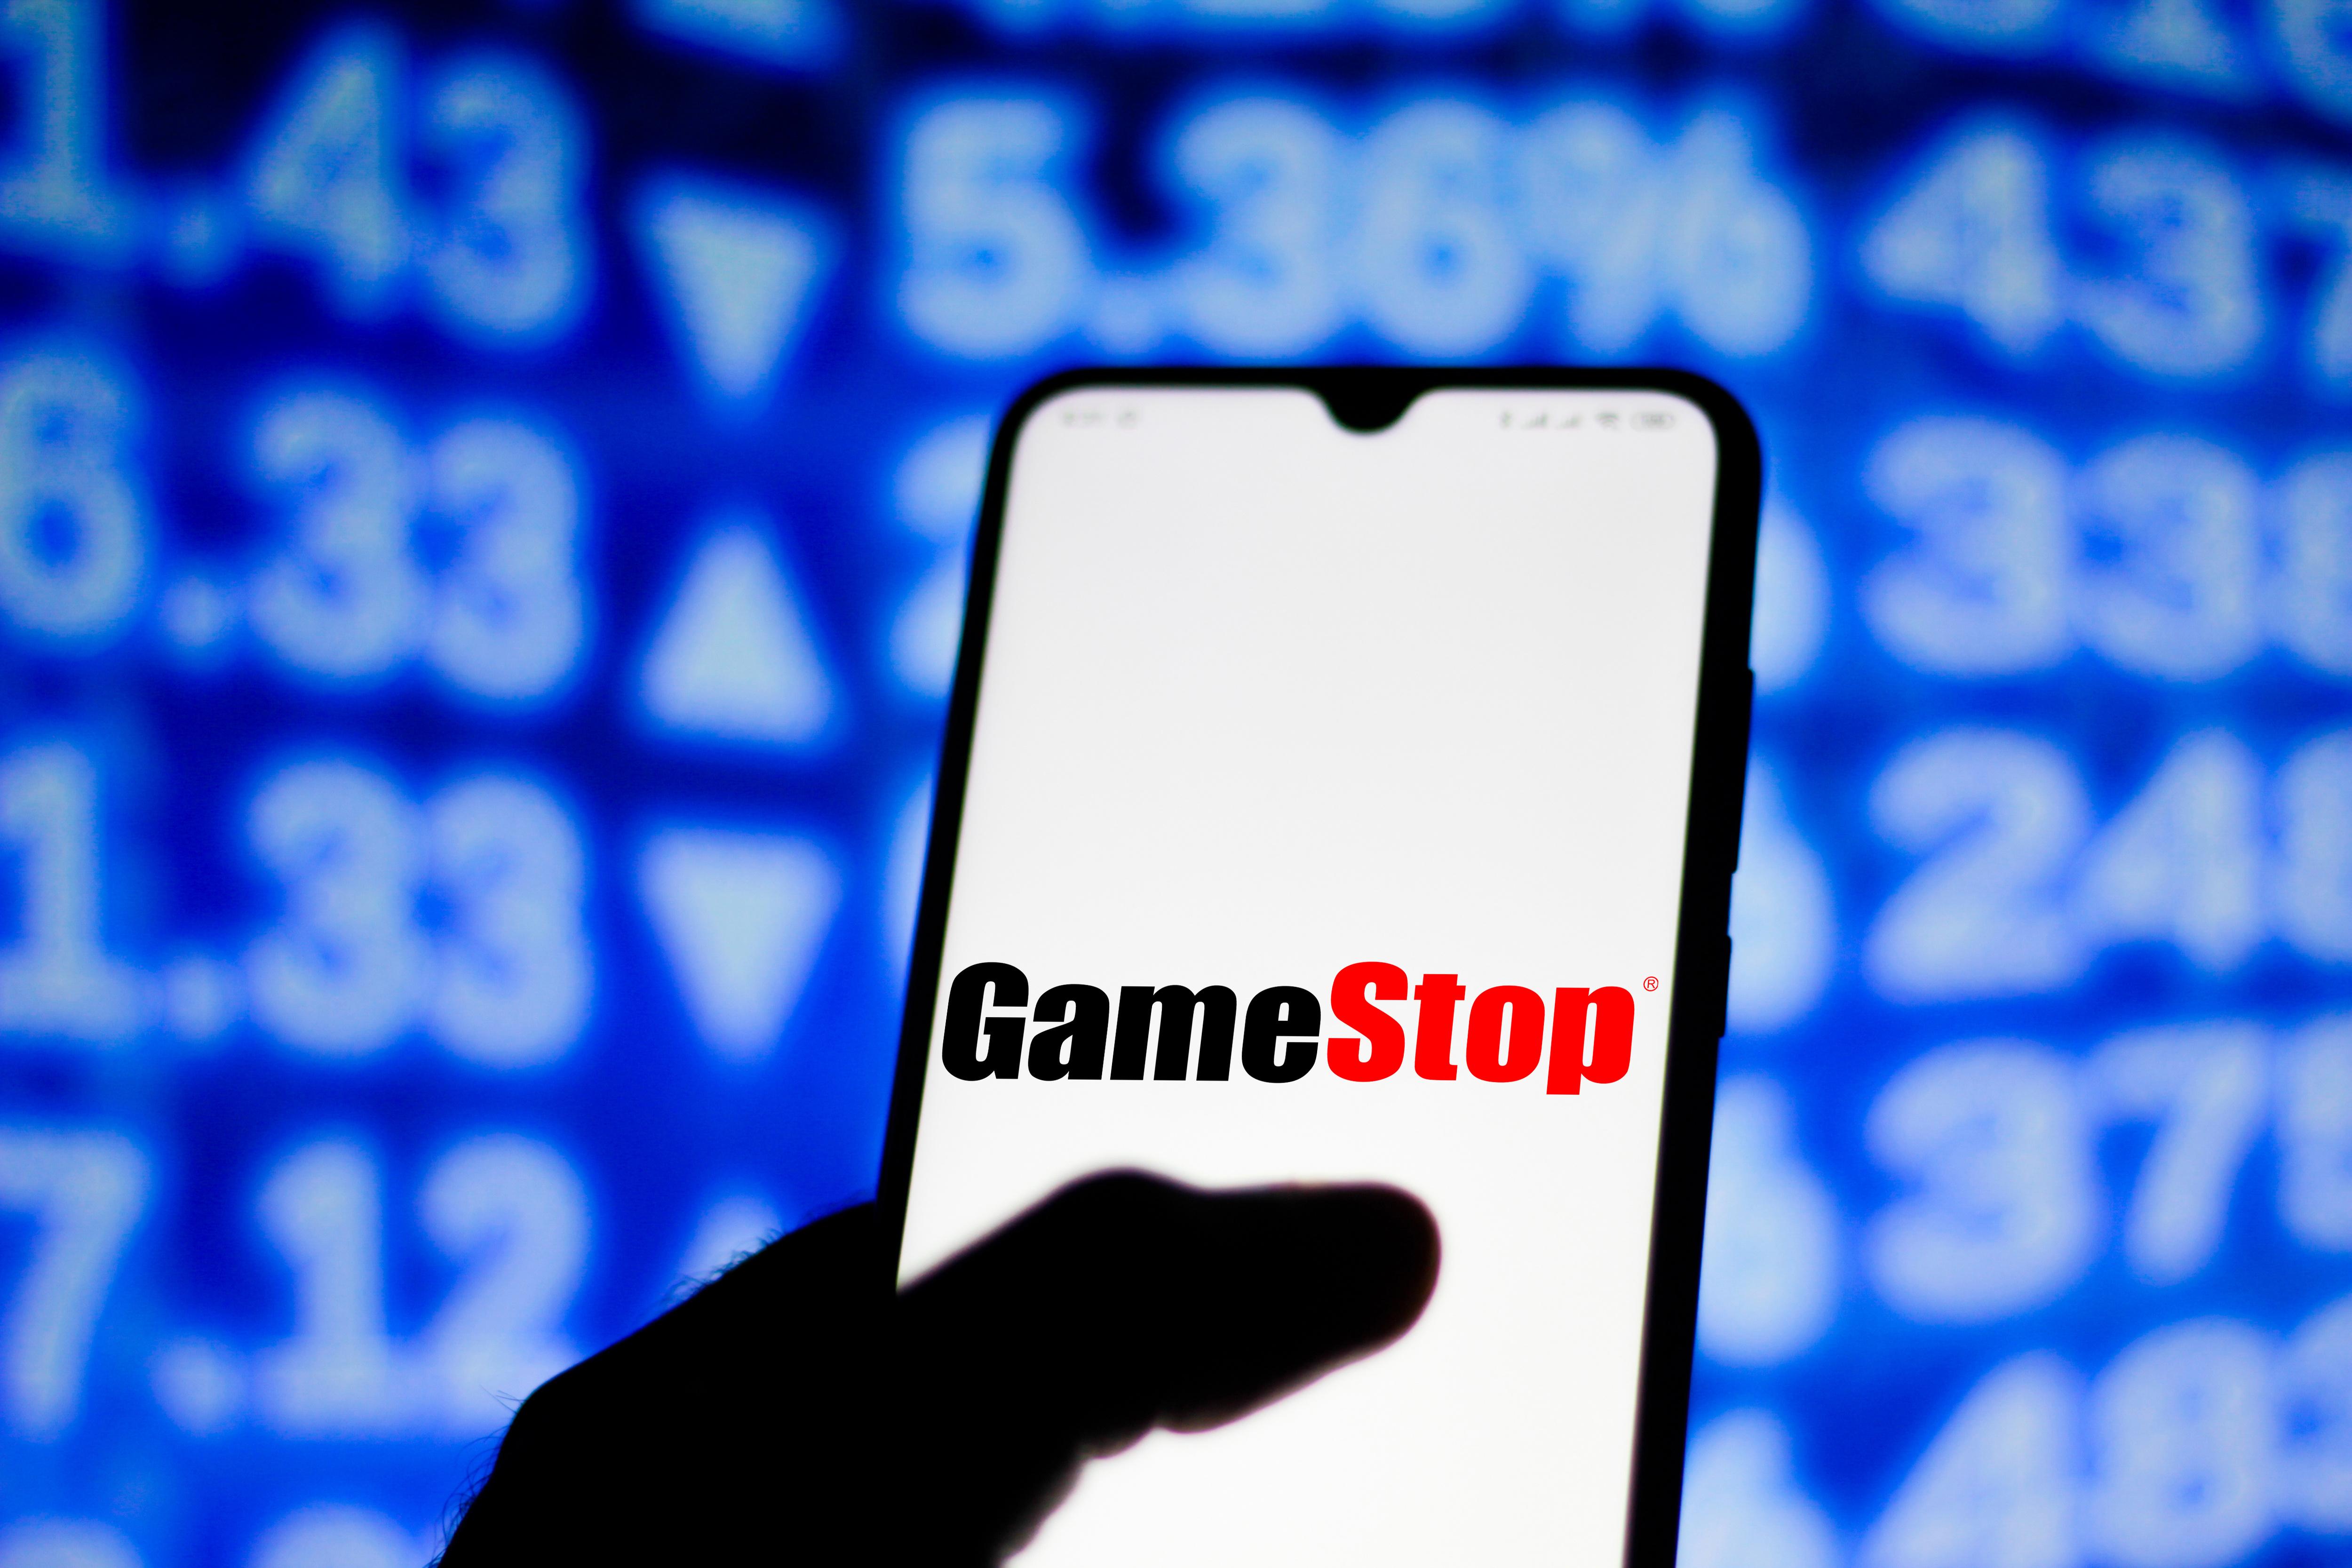 在这张照片中,我们看到的GameStop标志显示。。。